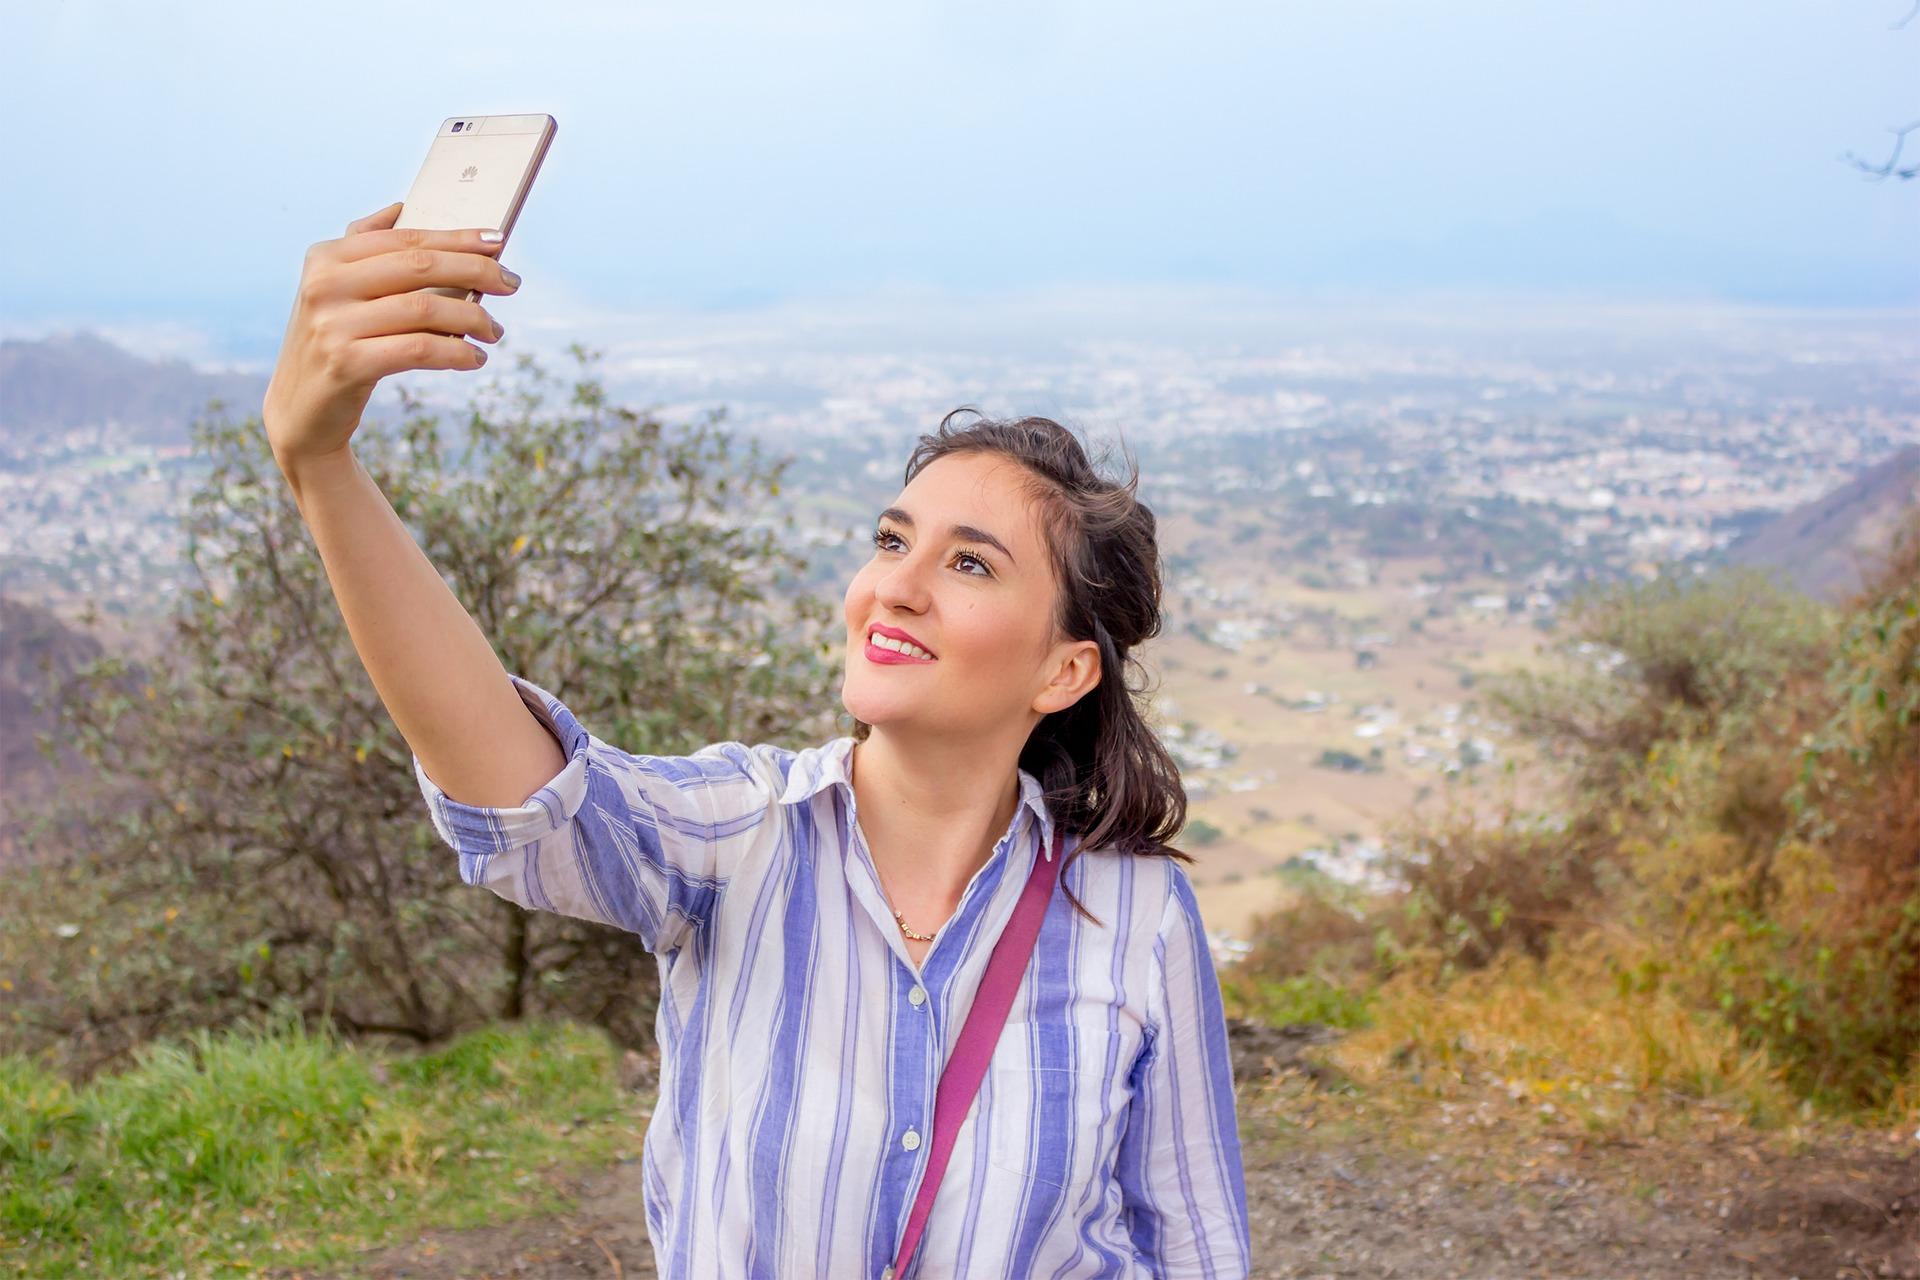 Obrázek: Huawei v roce 2018 prodal přes 200 milionů smartphonů, překonává Apple a je na dosah Samsungu